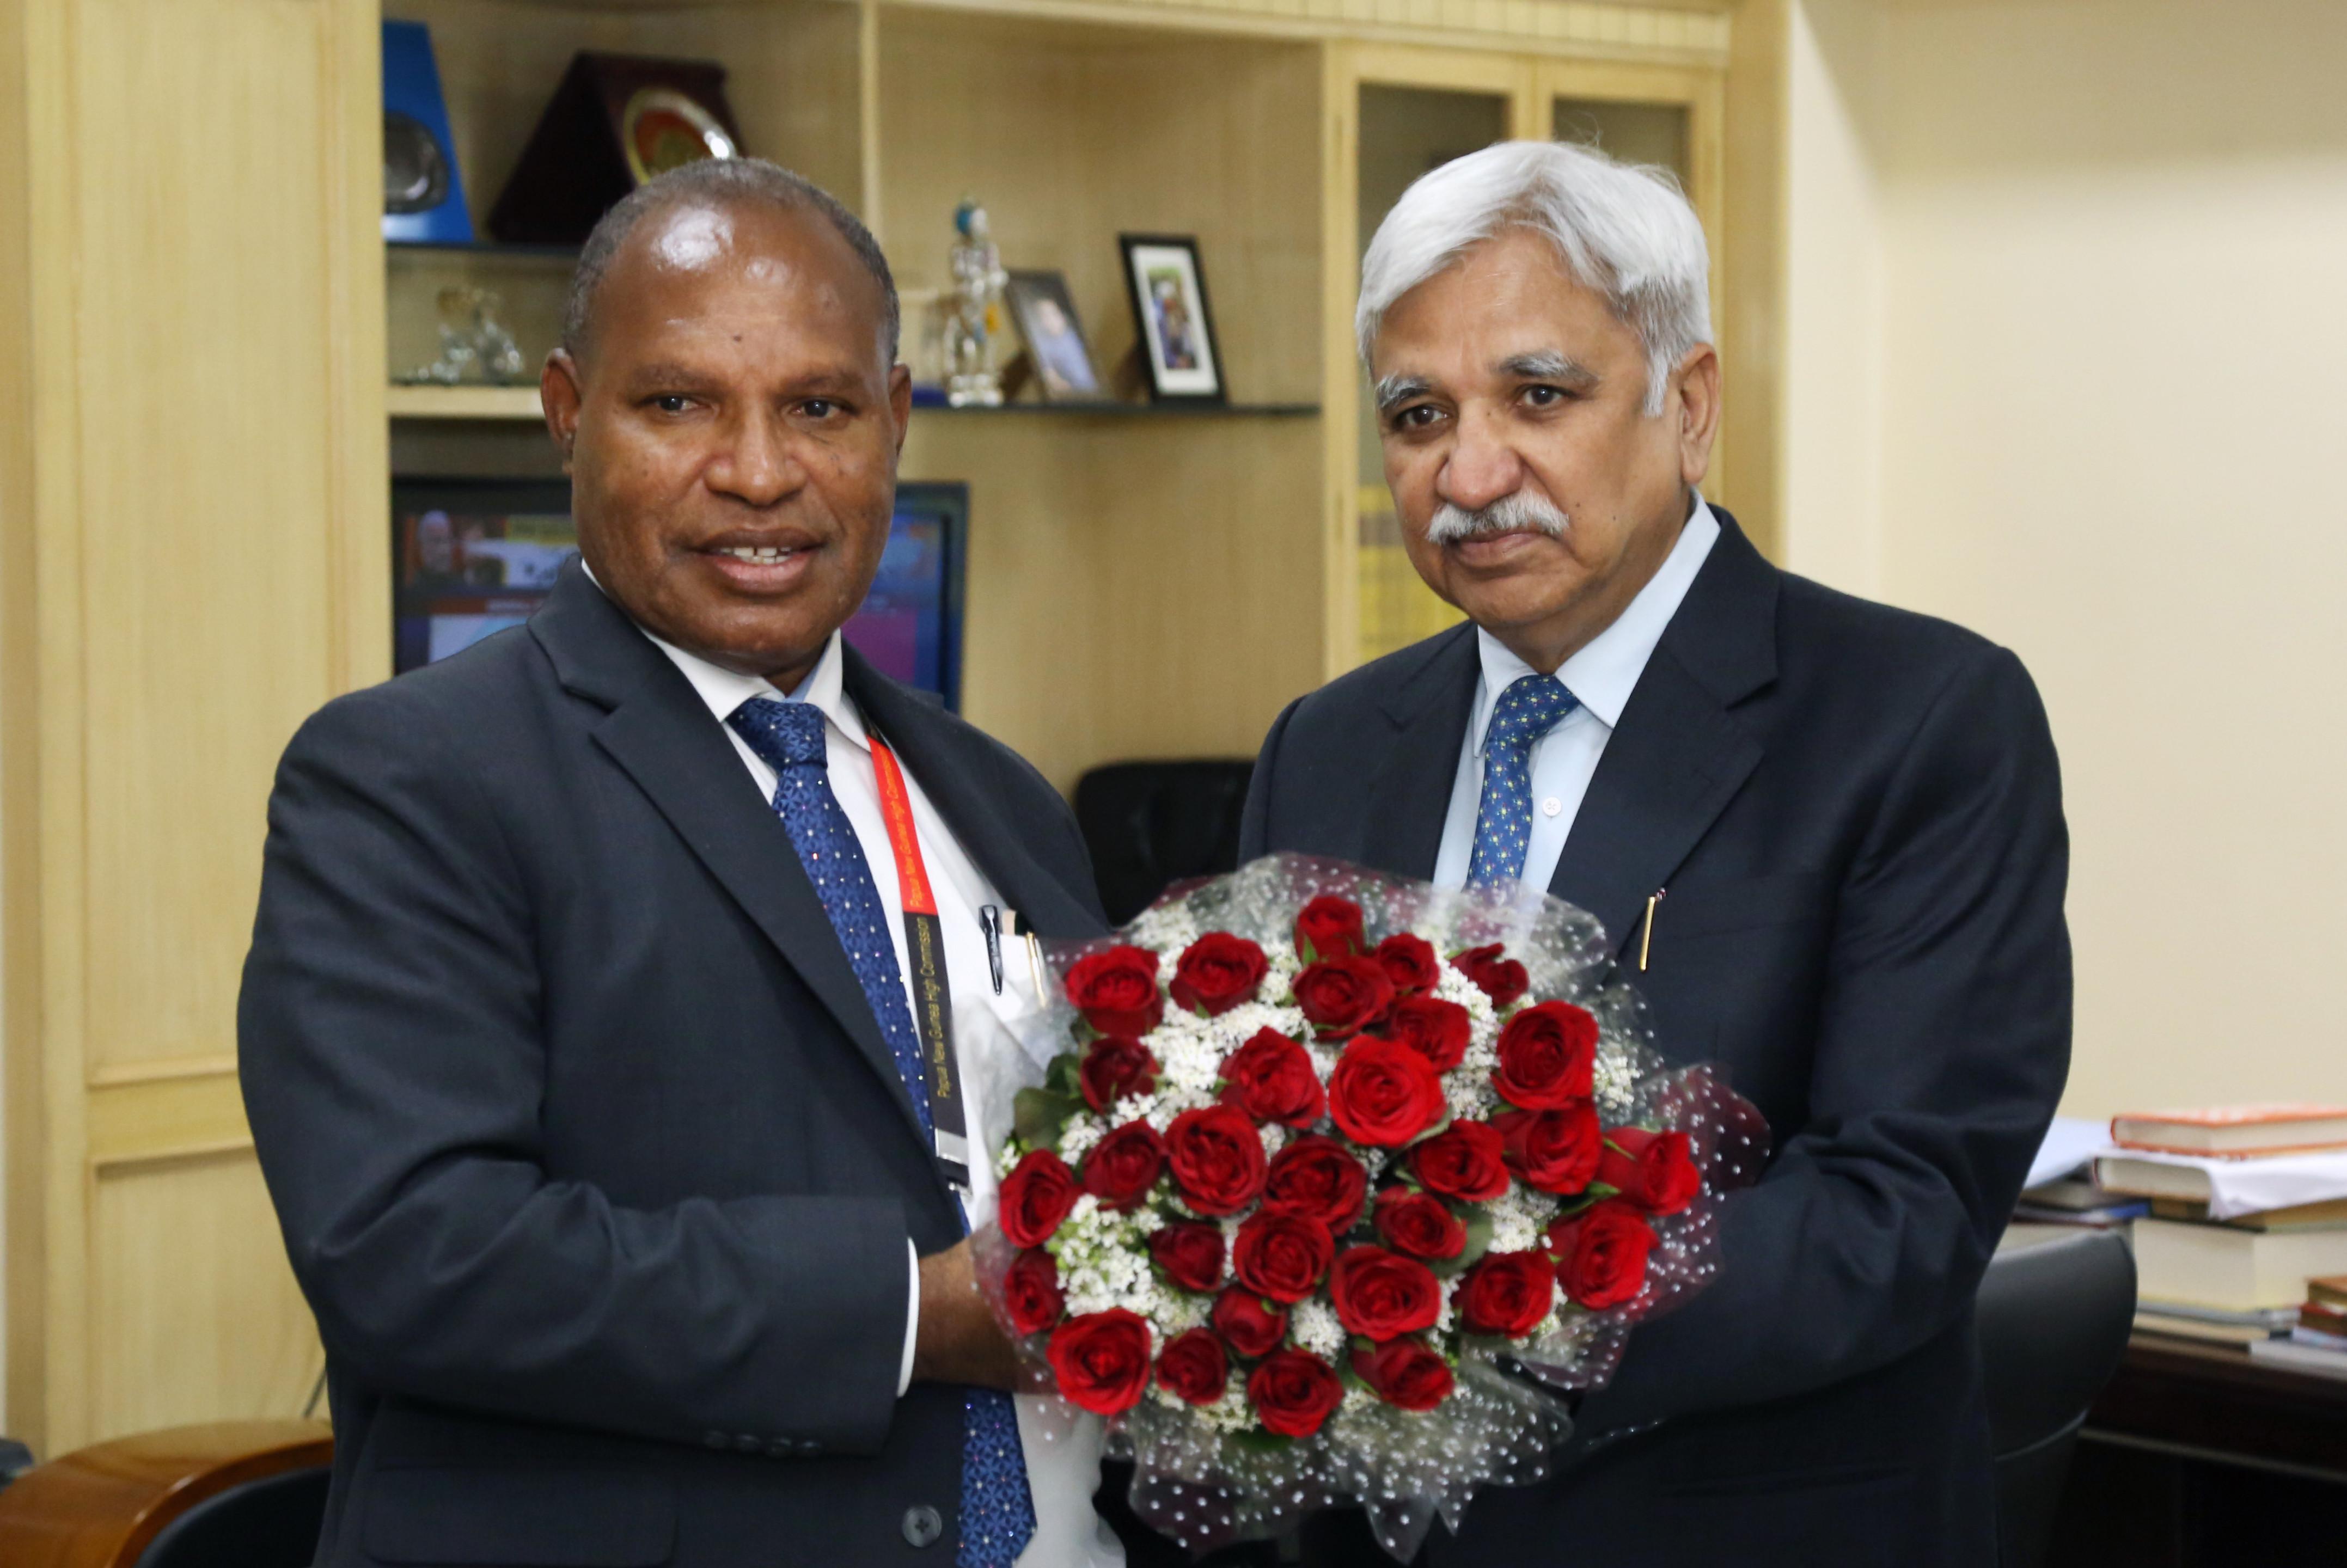 श्री रिचर्ड मारू, राष्ट्रीय योजना और निगरानी मंत्री के नेतृत्व में पापुआ न्यू गिनी के एक प्रतिनिधिमंडल ने 26 मार्च 2019 को मुख्य निर्वाचन आयुक्त, श्री सुनील अरोड़ा से मुलाकात की।